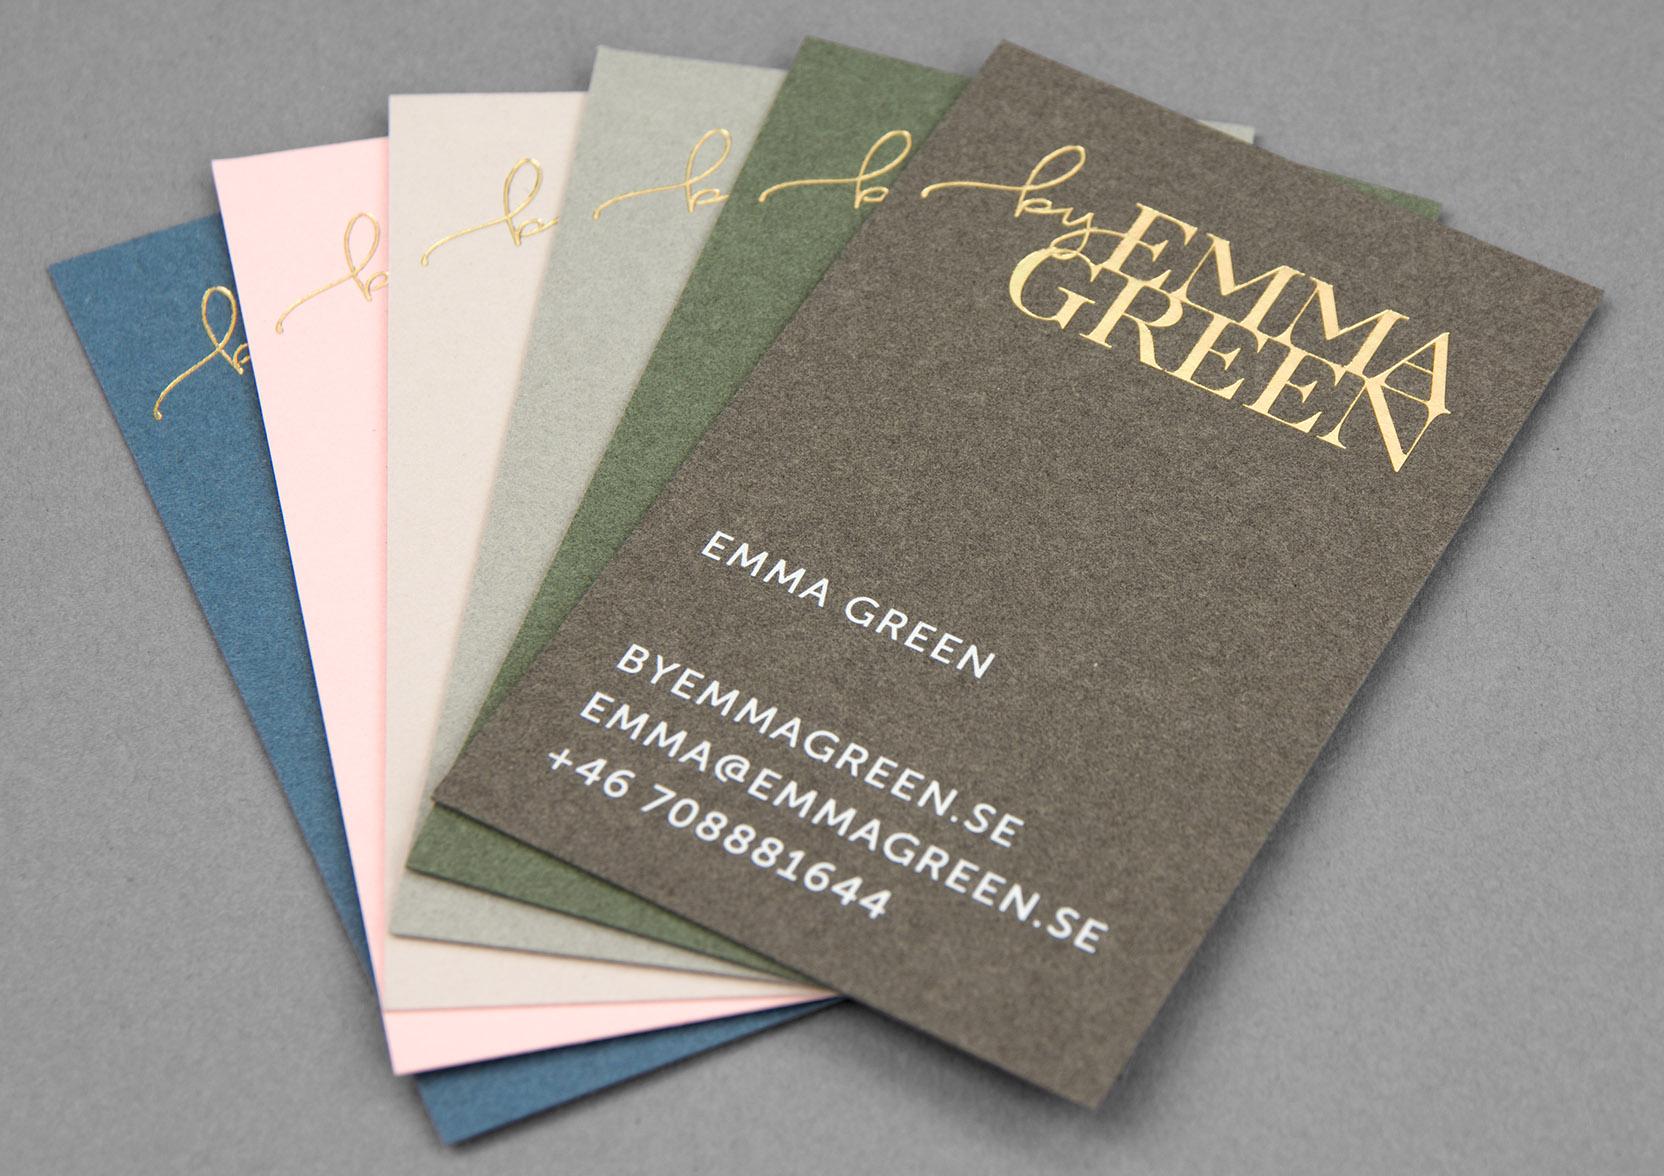 Emma-green-visitkort1